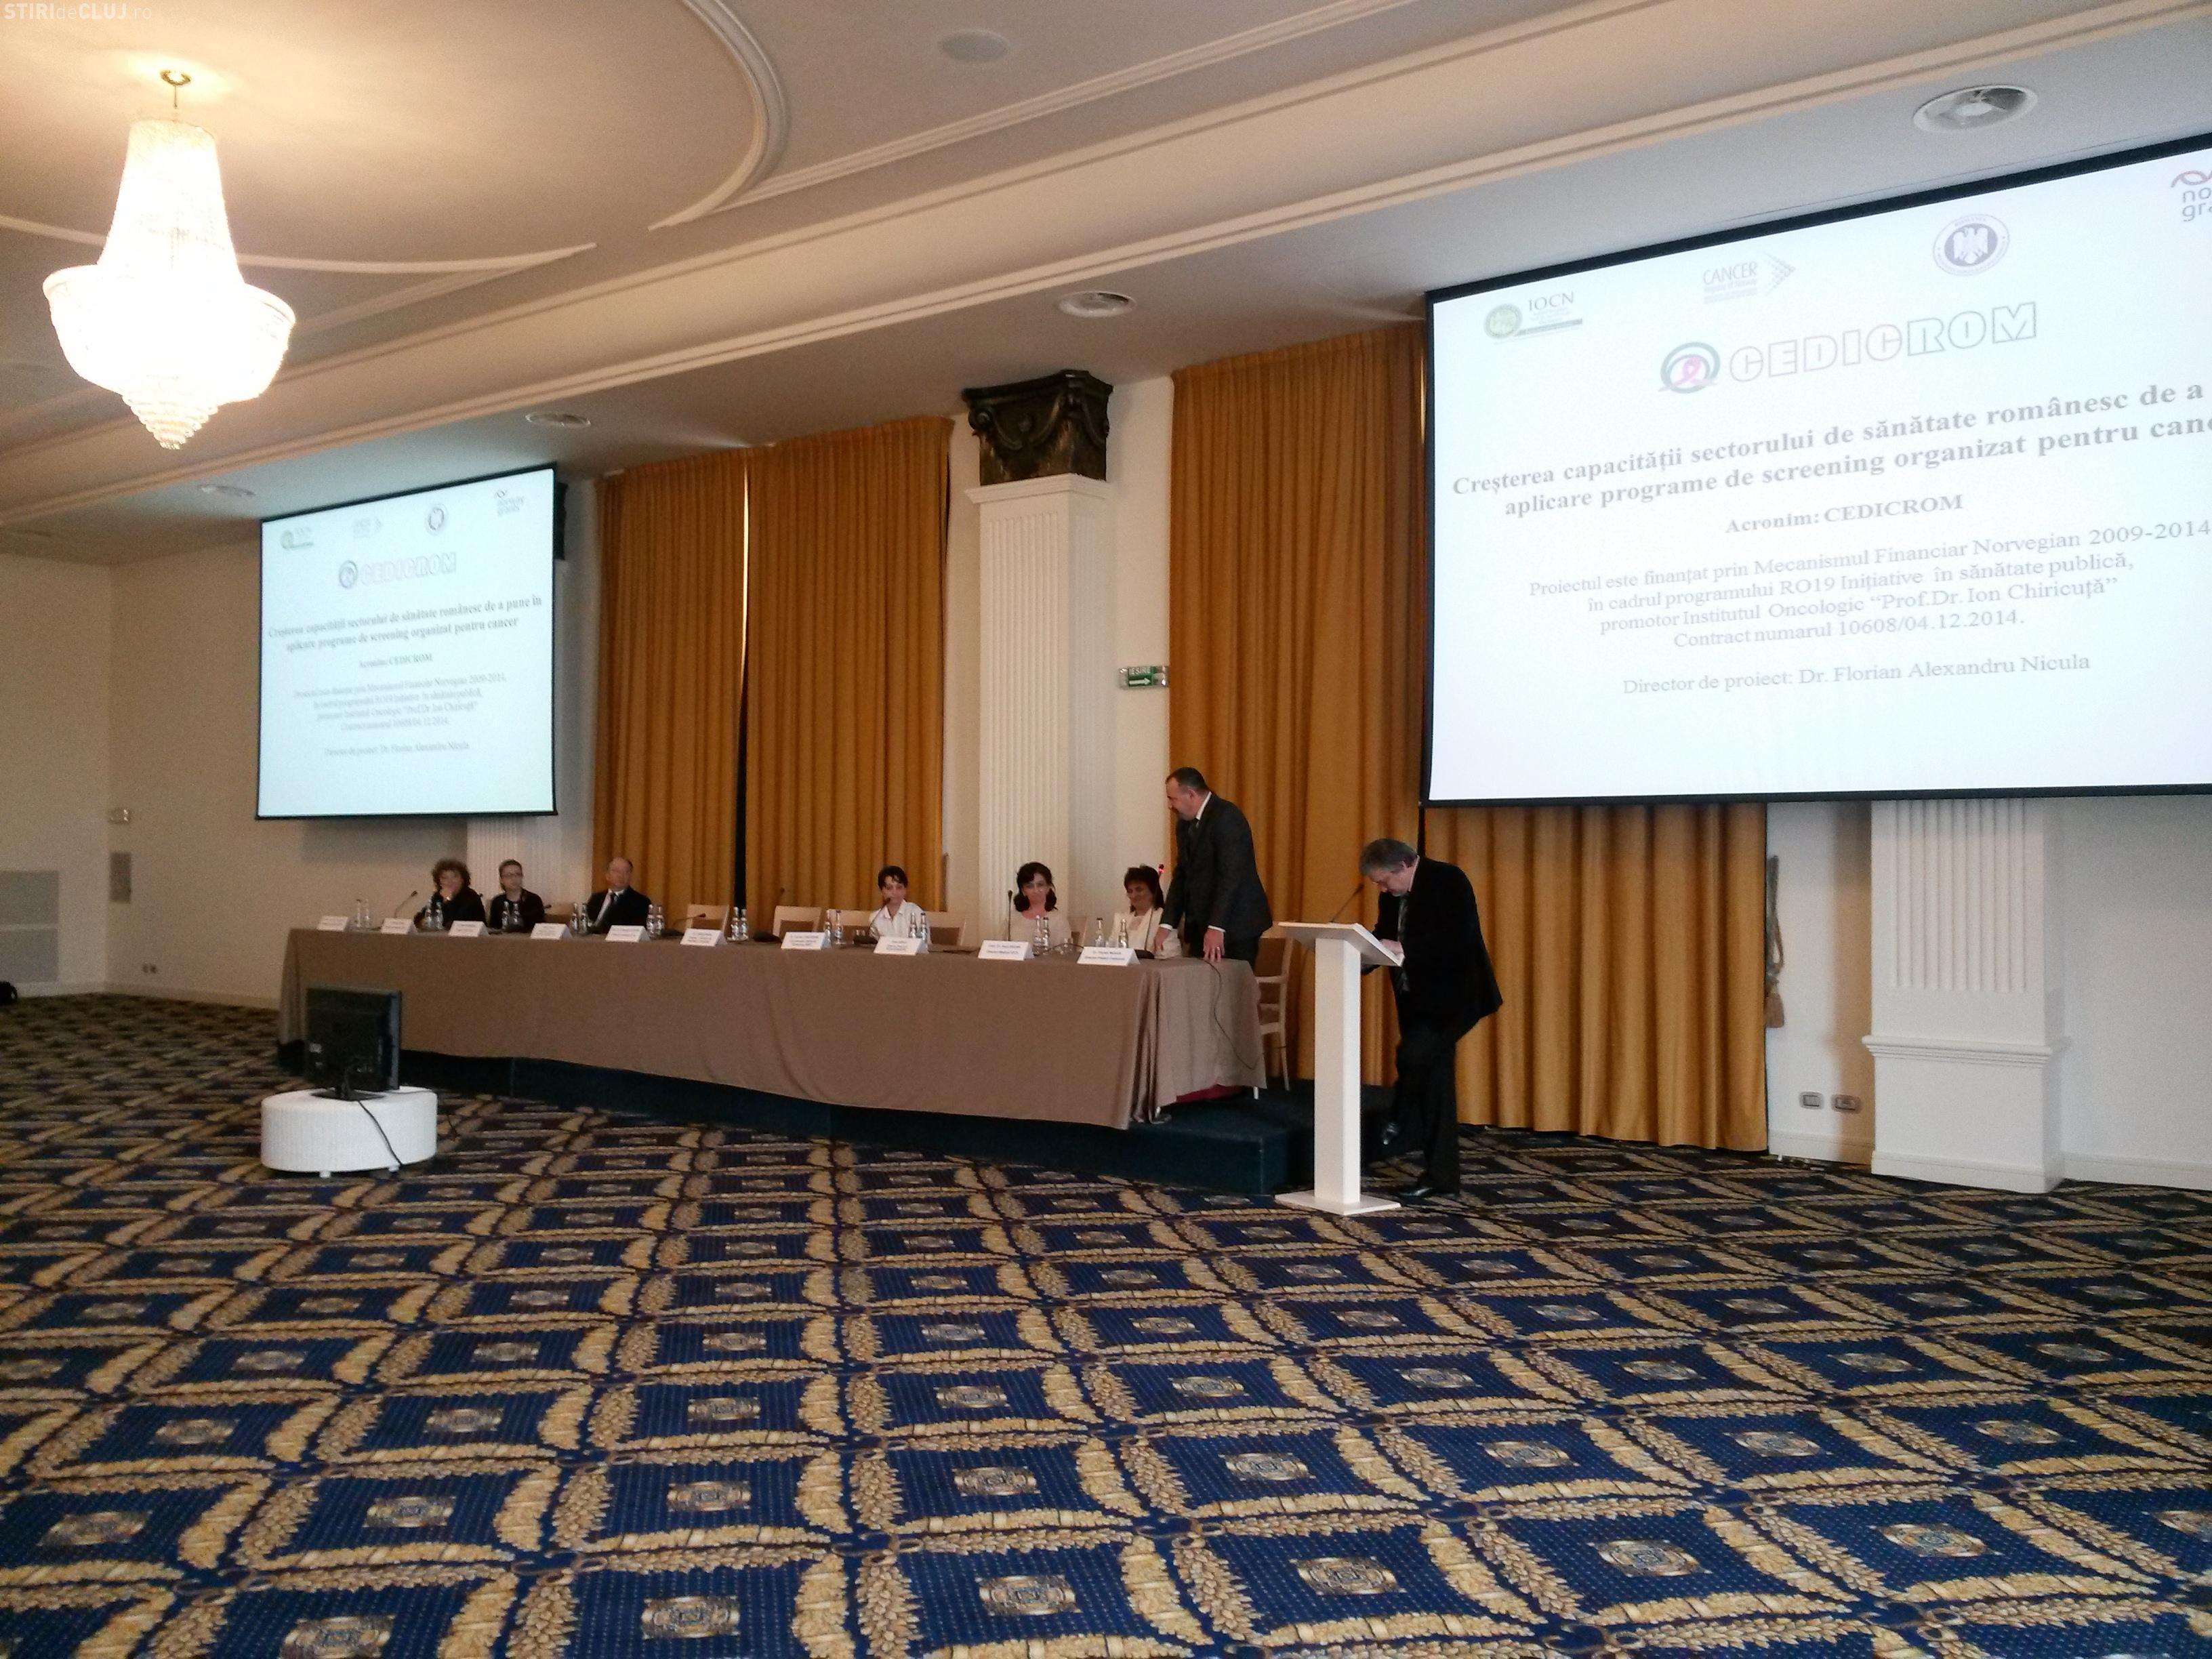 Institutul Oncologic din Cluj derulează un proiect pe fonduri norvegiene de depistare a cancerului de col uterin